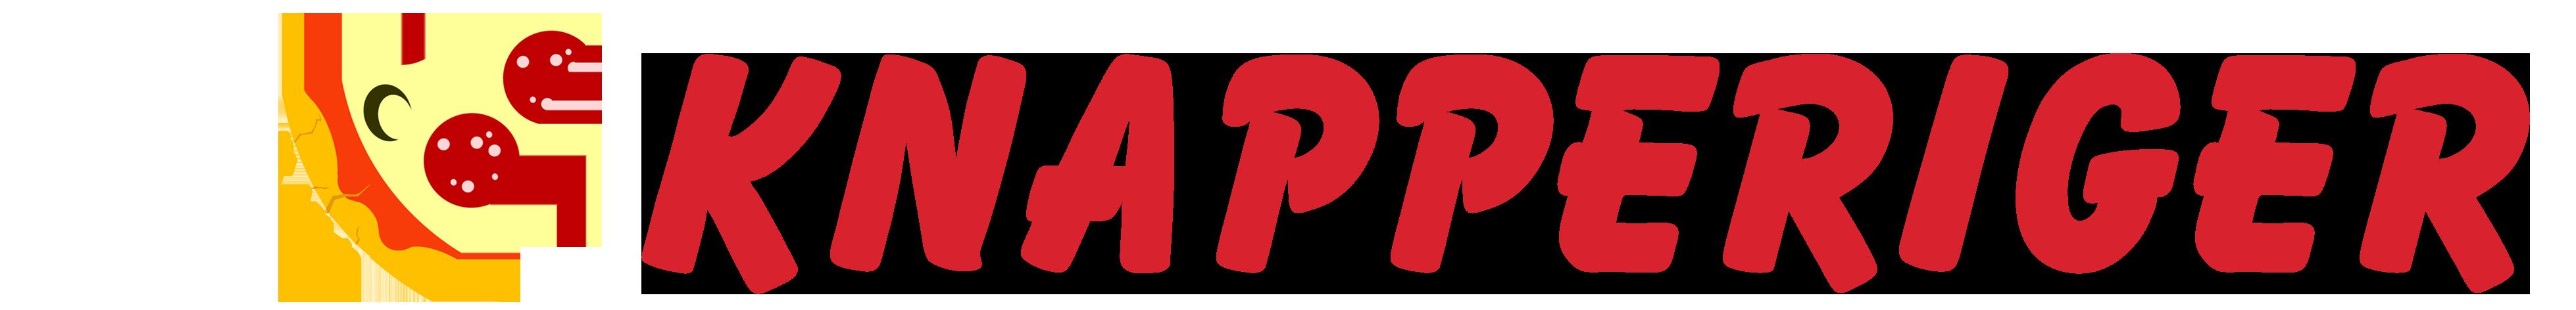 KNAPPERIGER